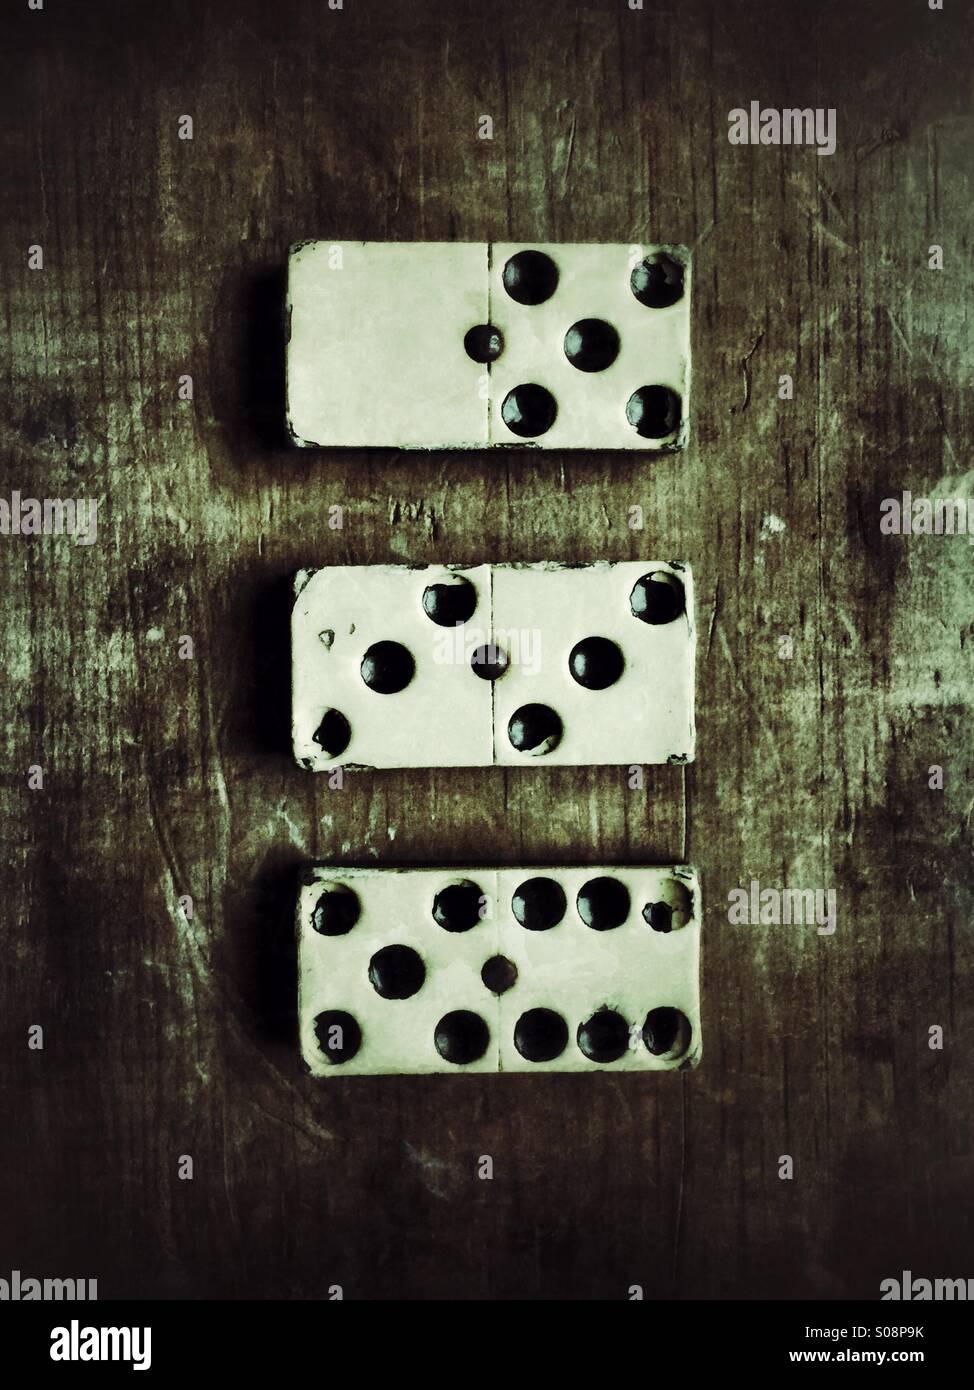 Antiguas piezas de domino Imagen De Stock